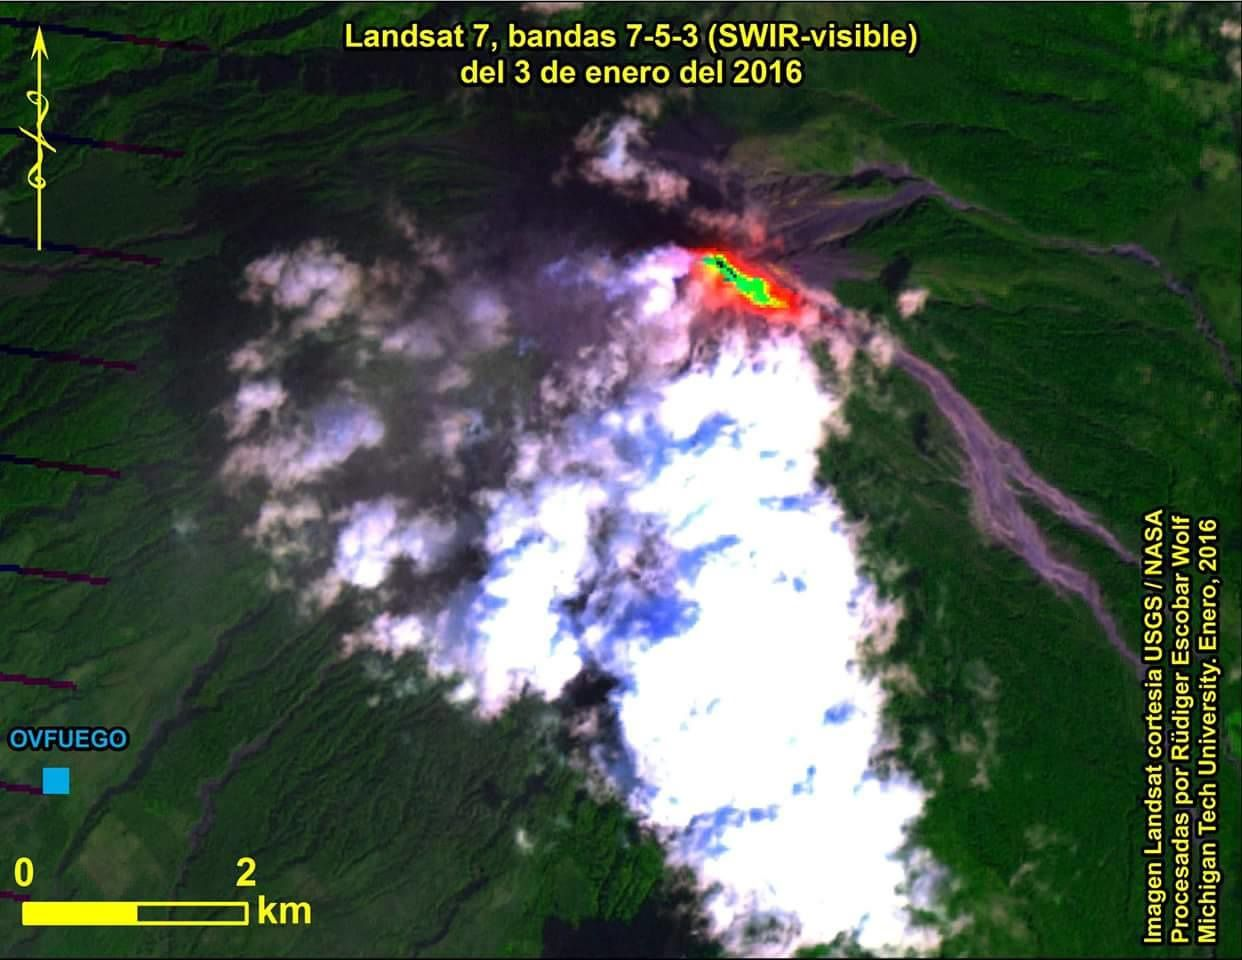 Fuego - image Landsat 7 bandes 7-5-3 (SWIR-Visible) du 03.01.2016